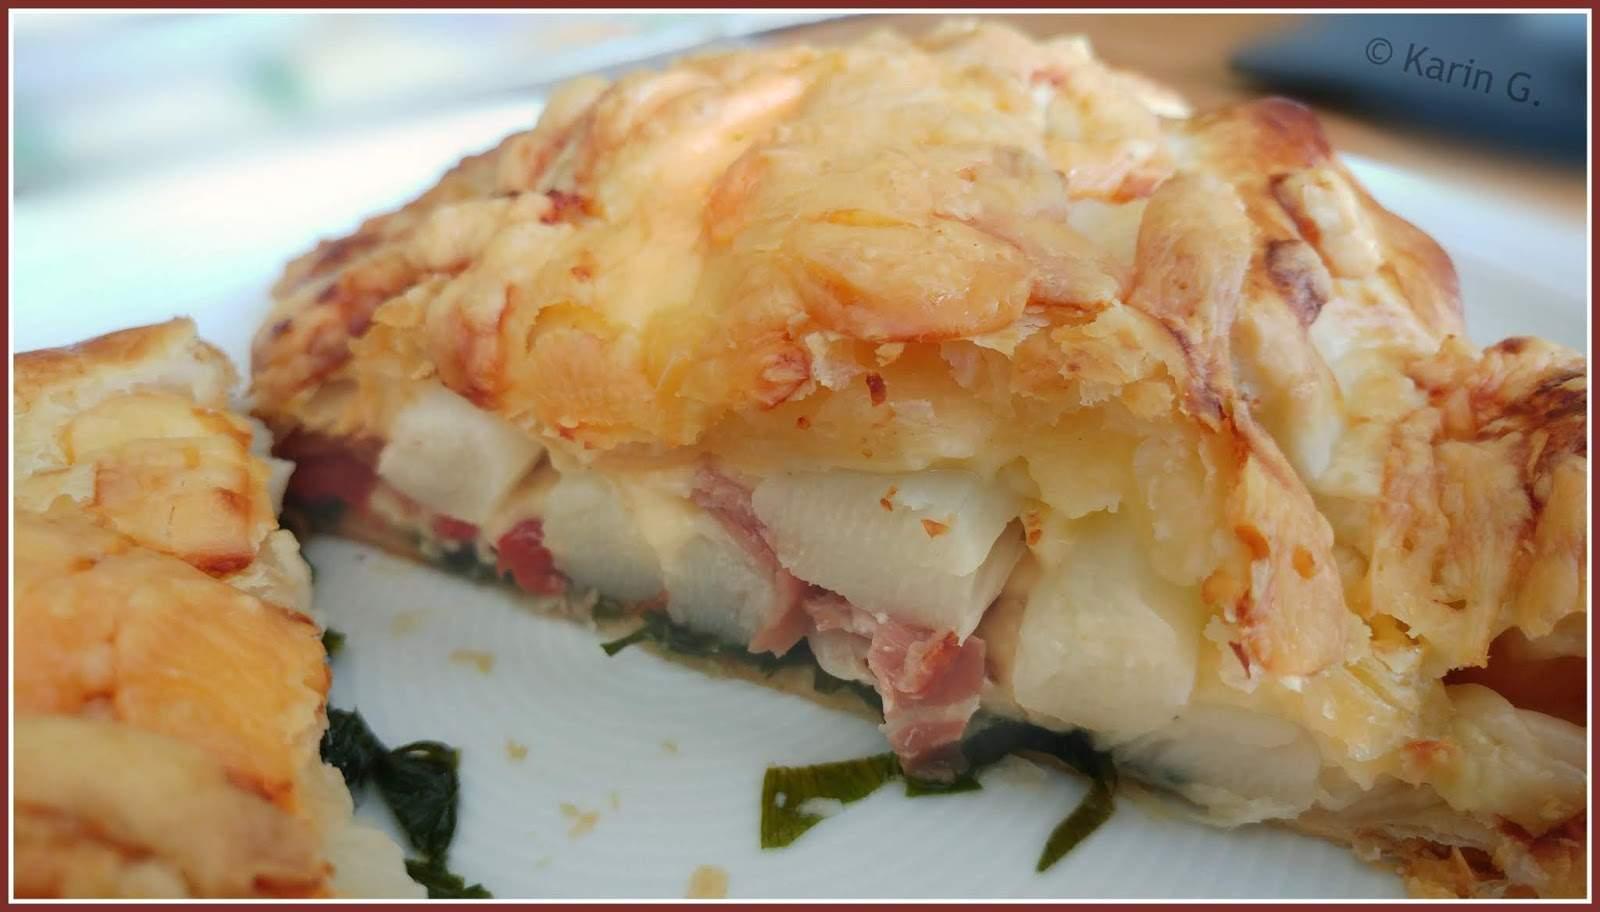 Spargel Bärlauch Blätterteig Tomate Parma Gouda % klein karing